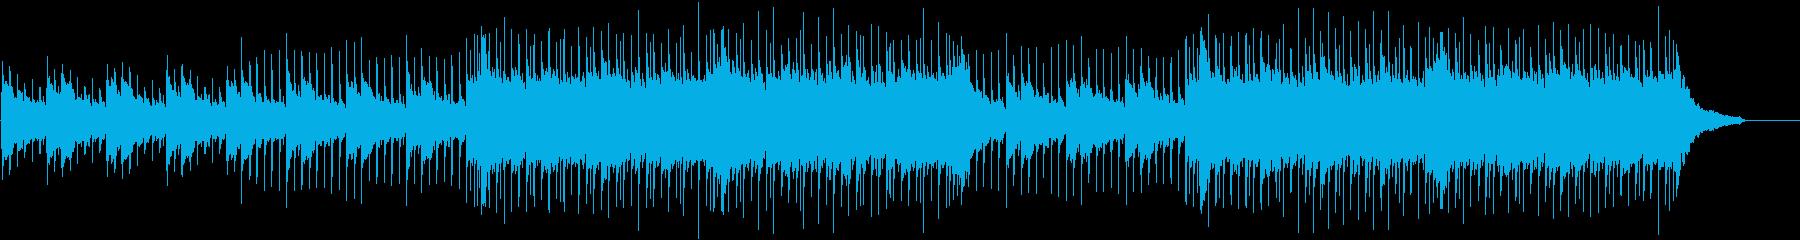 企業VP131、シンプルなポップロックaの再生済みの波形